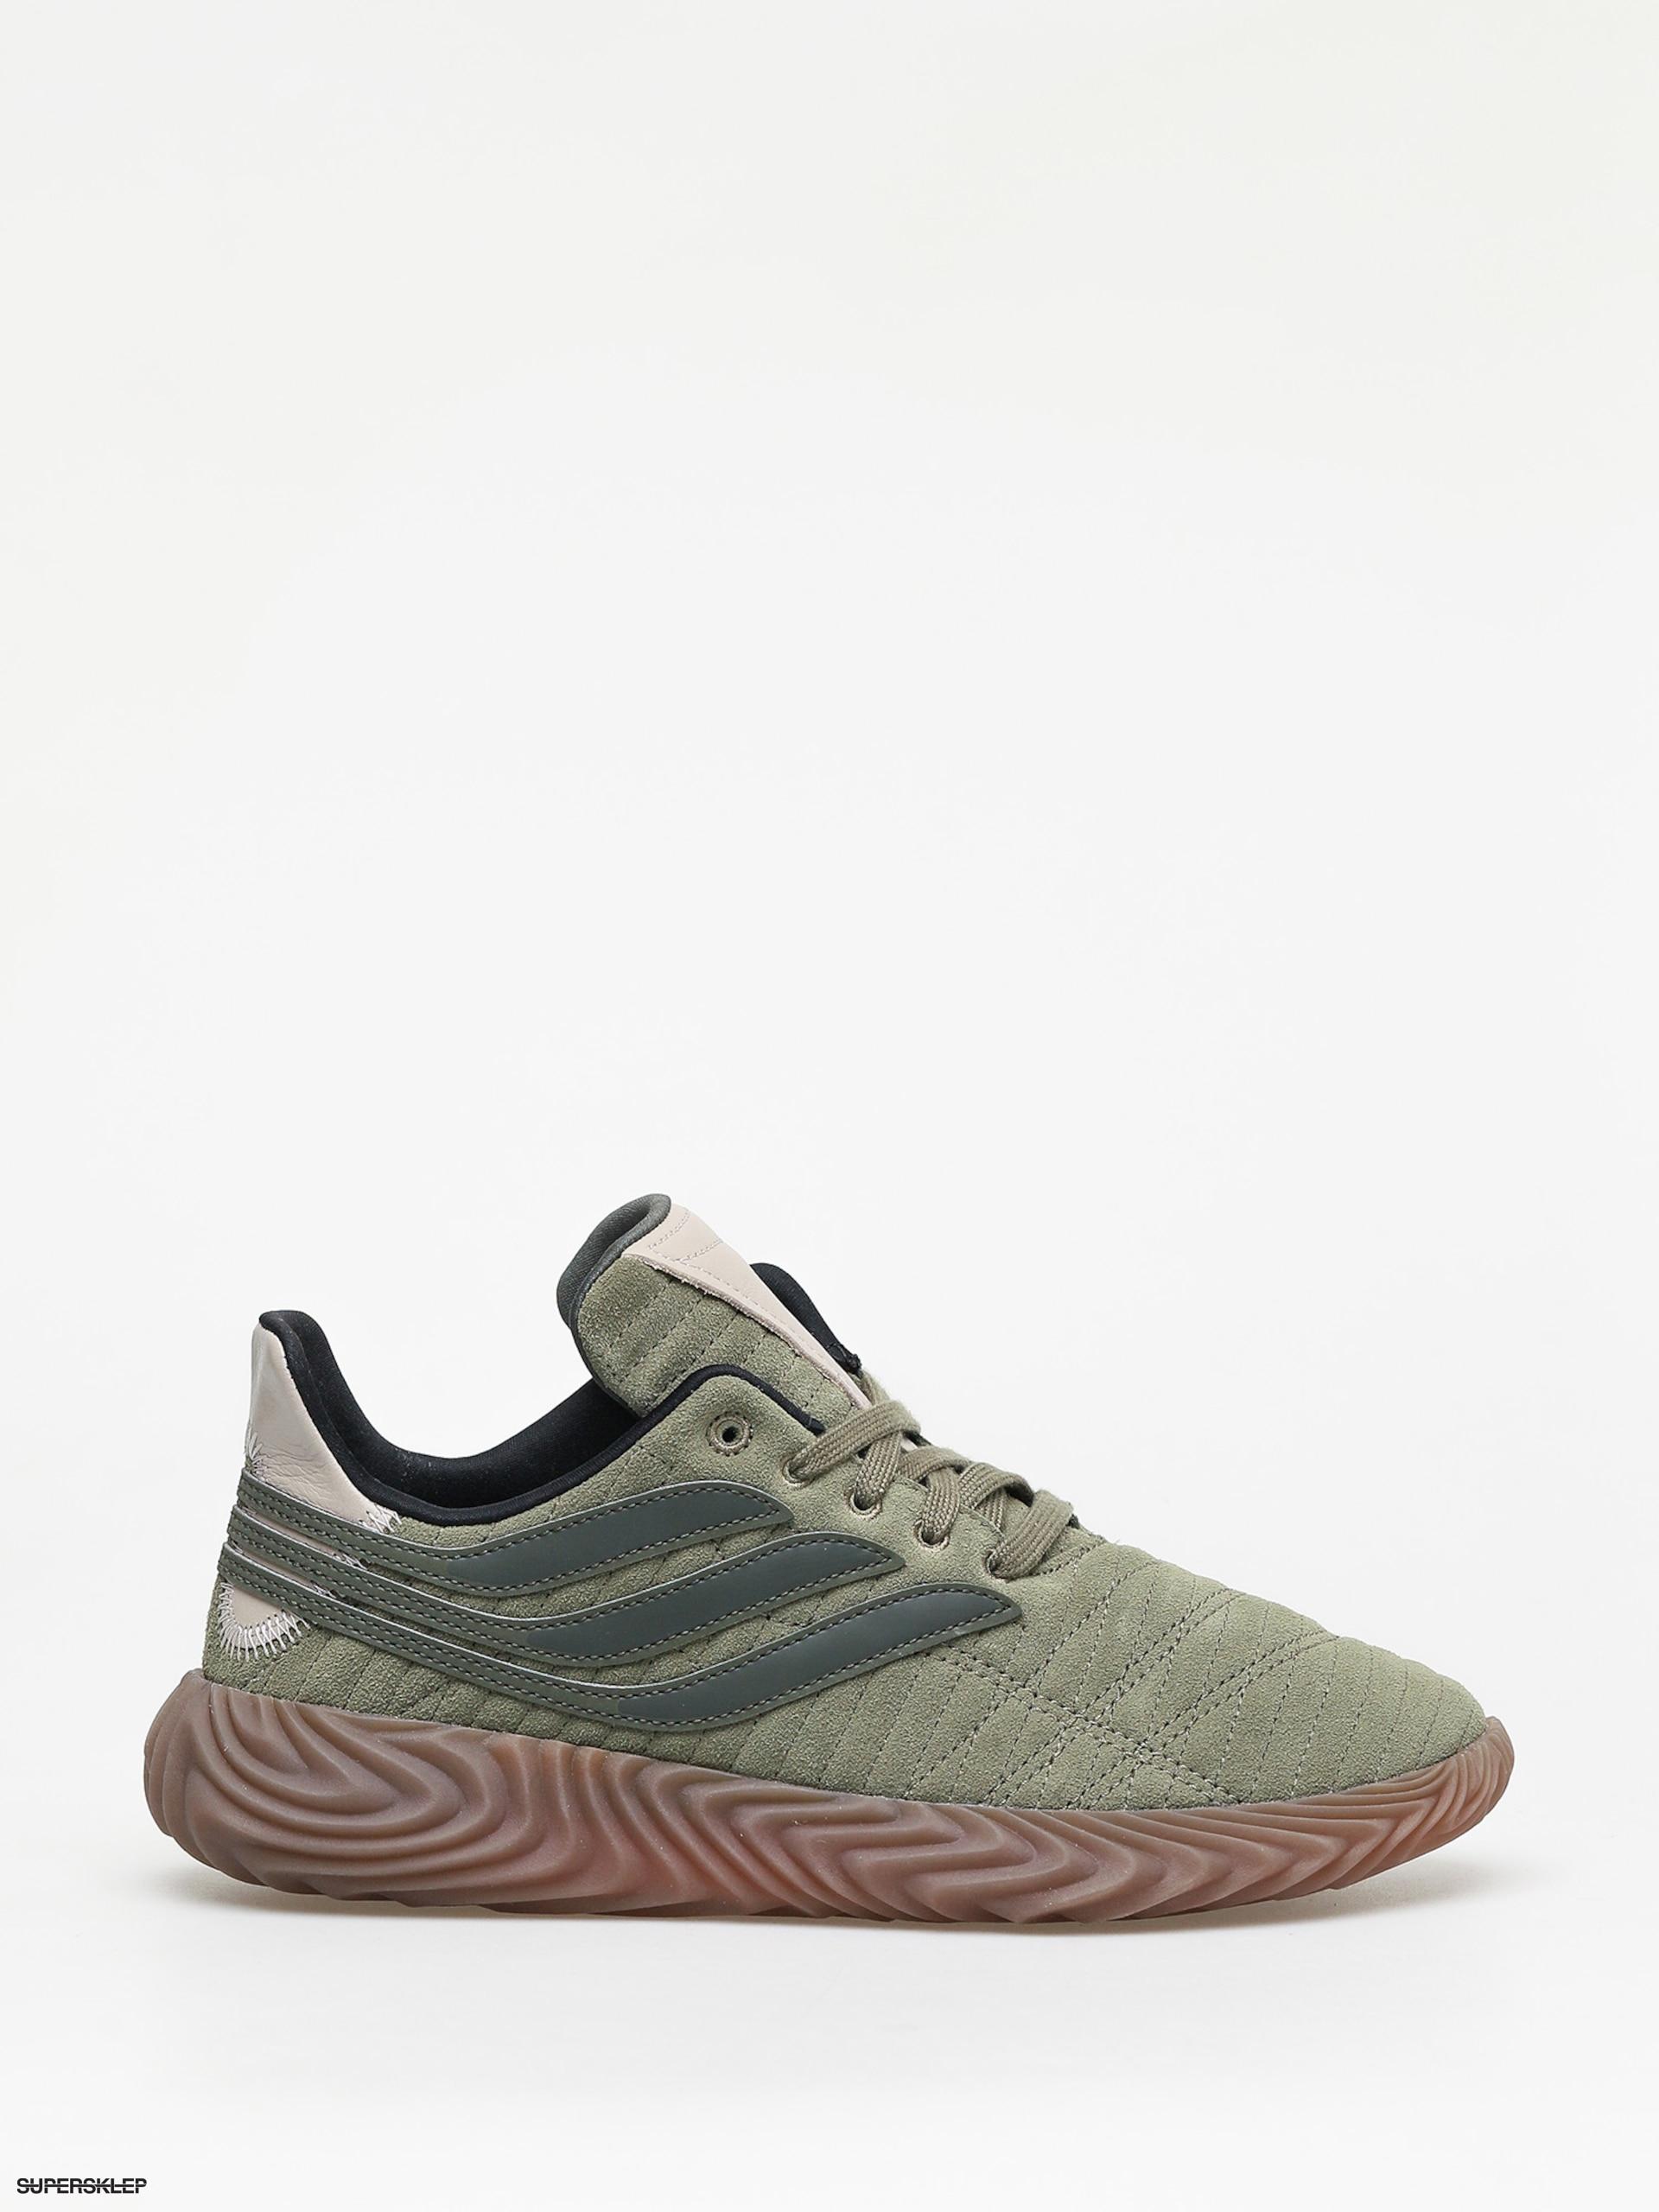 Buty adidas Sobakov (rawkhangtcarlbrown)